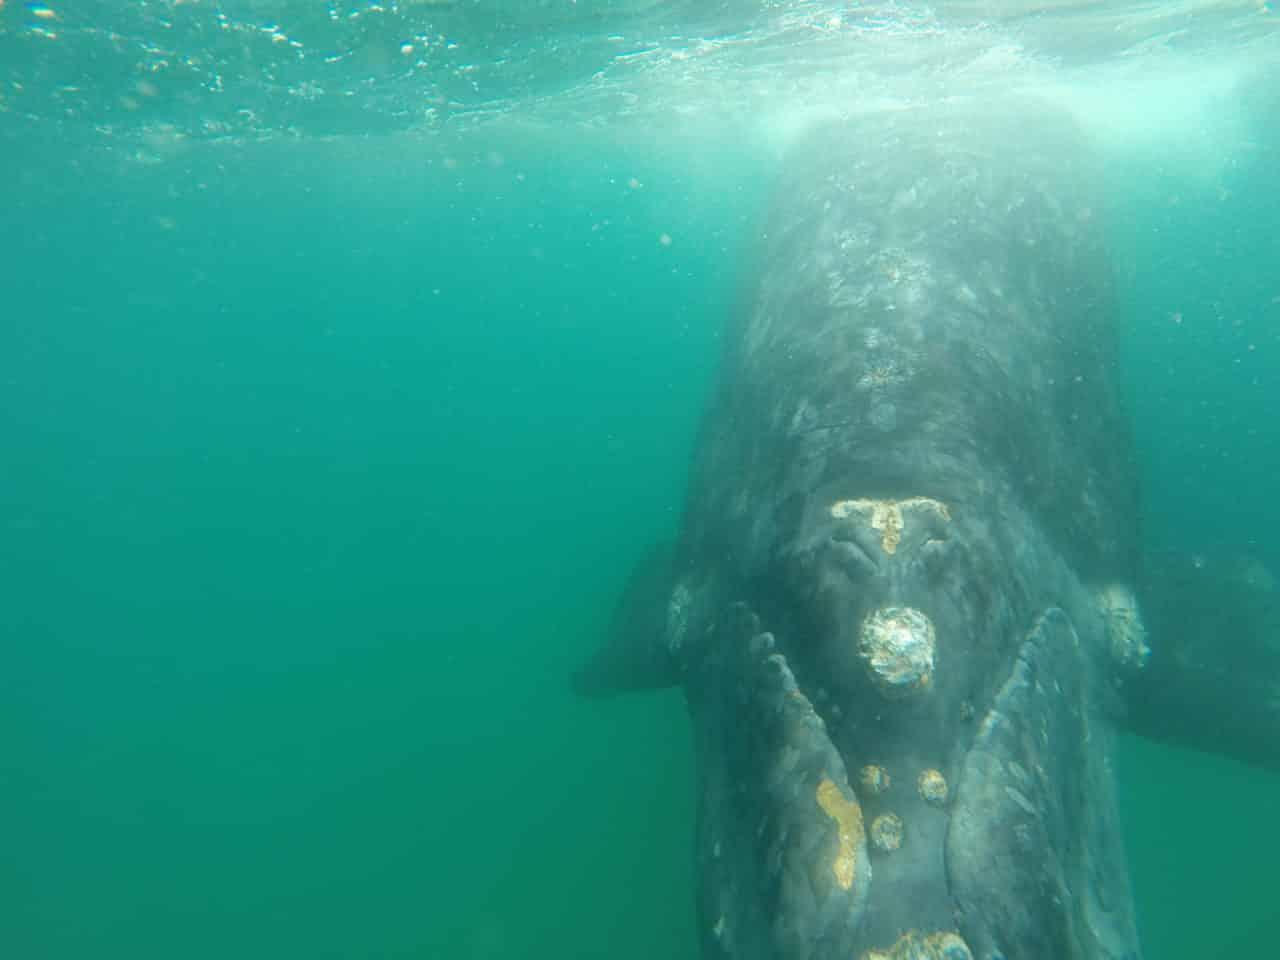 Rencontre avec une baleine franche